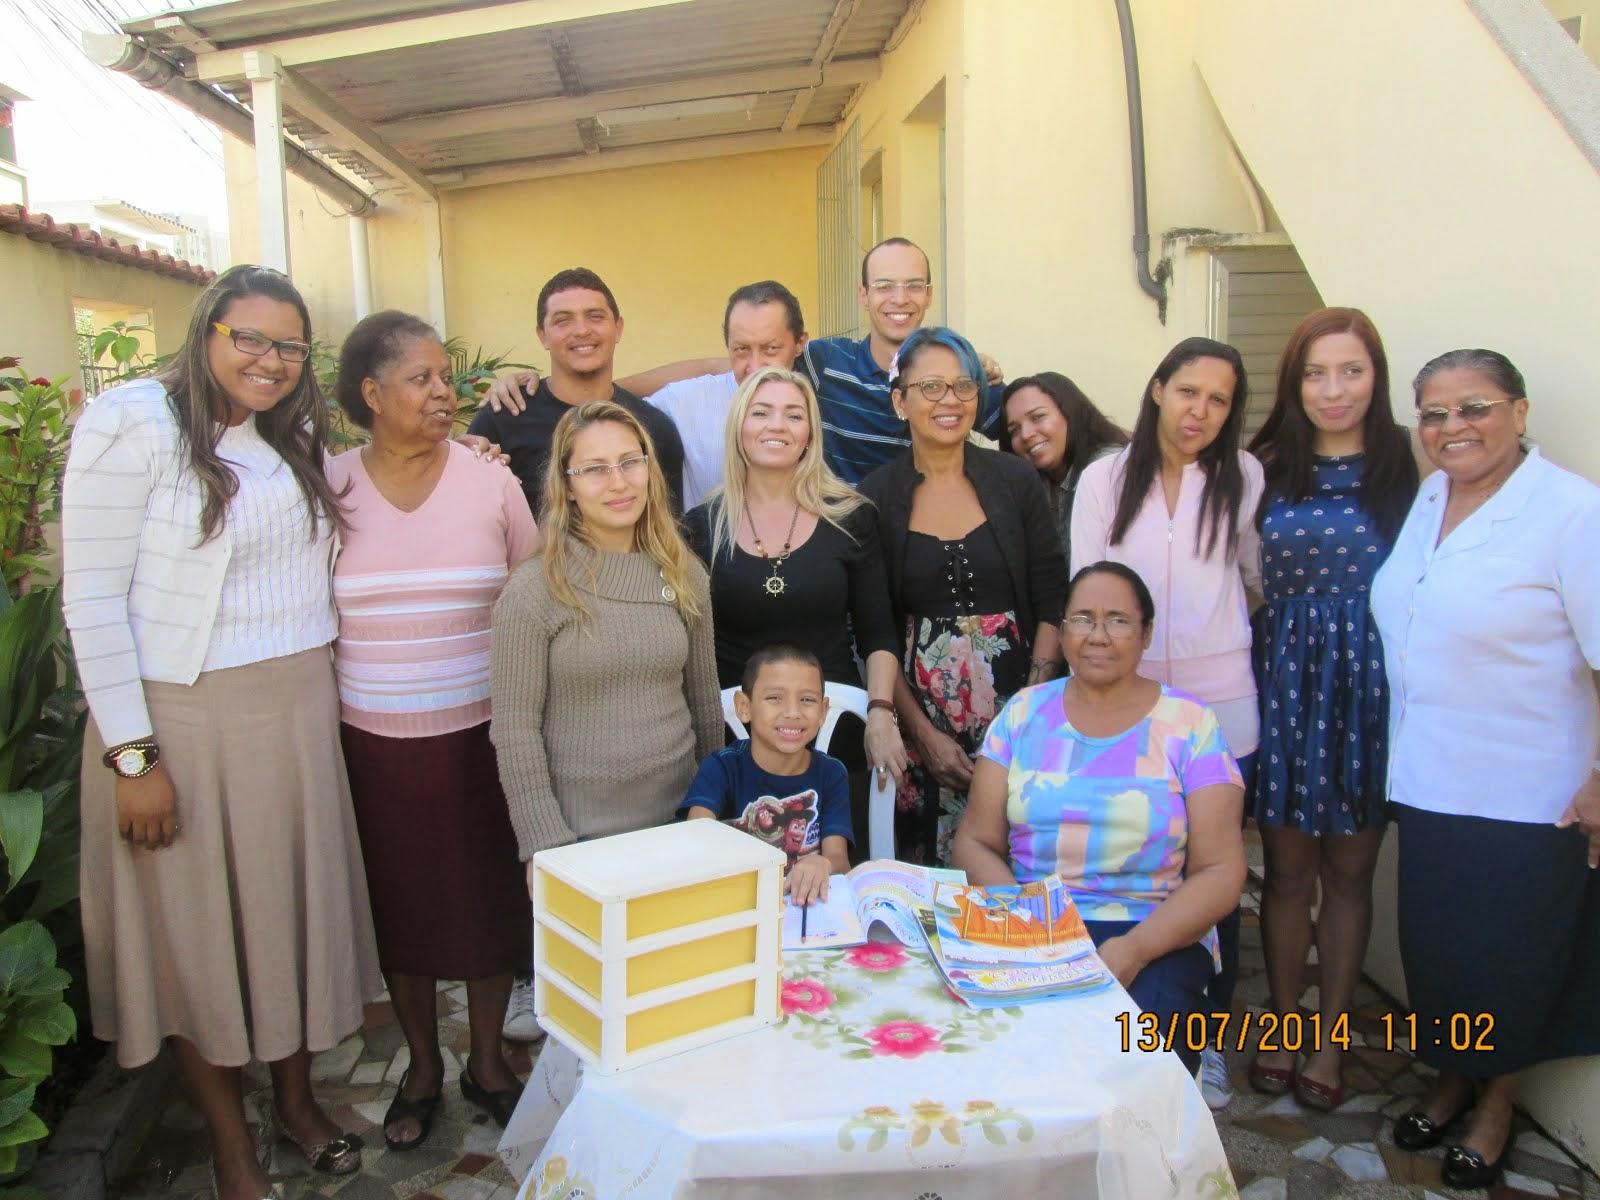 INAUGURAÇÃO DA 1ª TURMA INFANTIL DA ADMEP